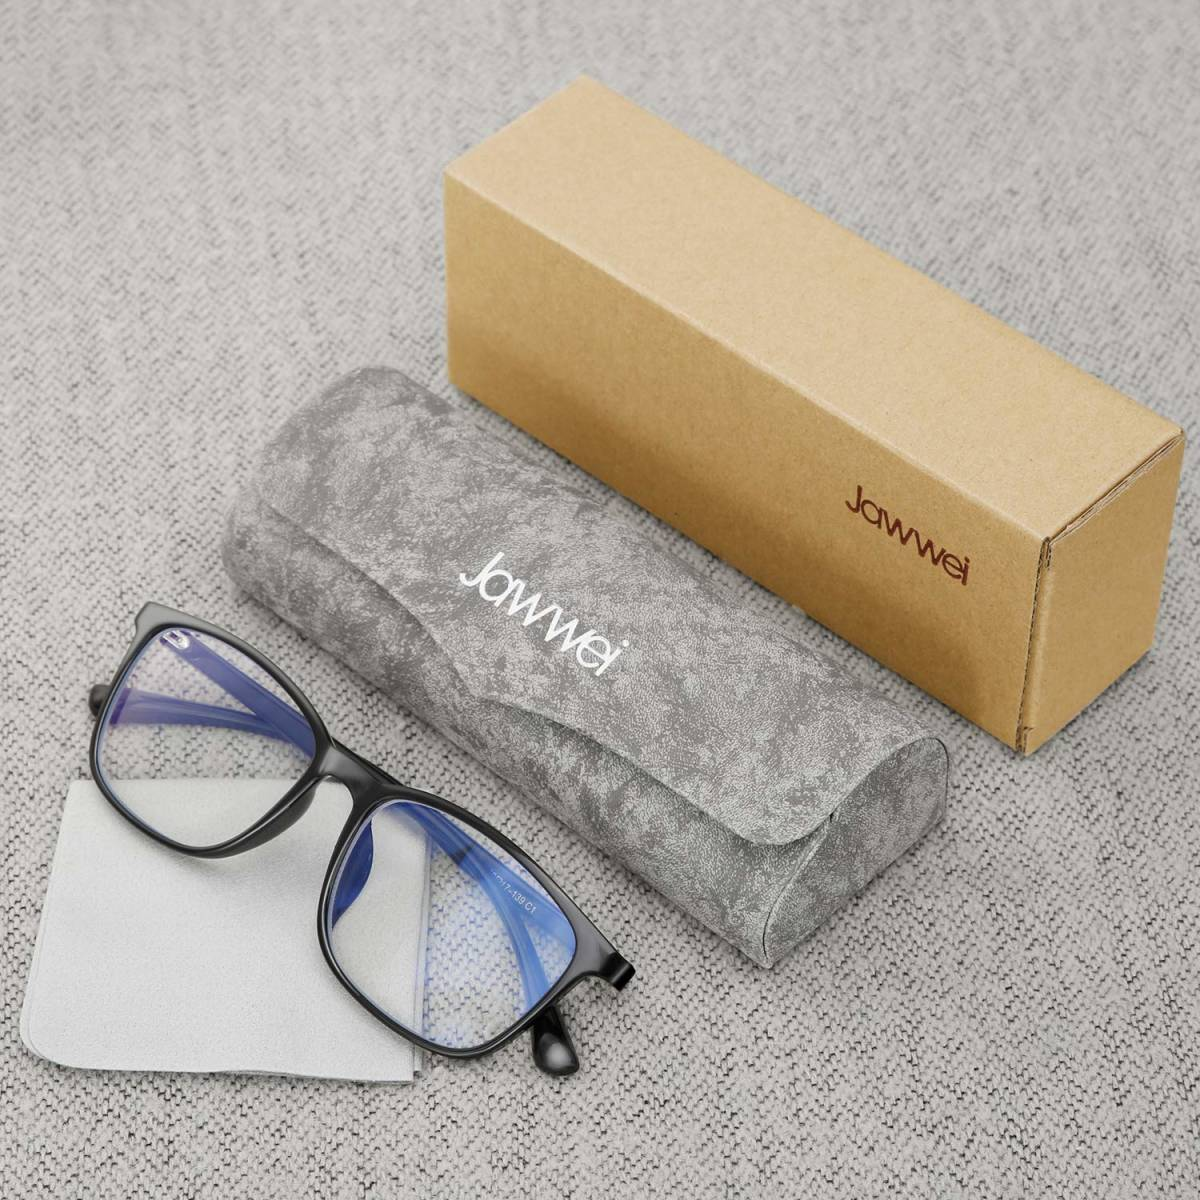 新品●Jawwei 伊達メガネ おしゃれ ブルーライトカット pcメガネ TR90 超軽量 だて 眼鏡 ファッション メガネ uv 紫外線99%カット Y6838_画像6